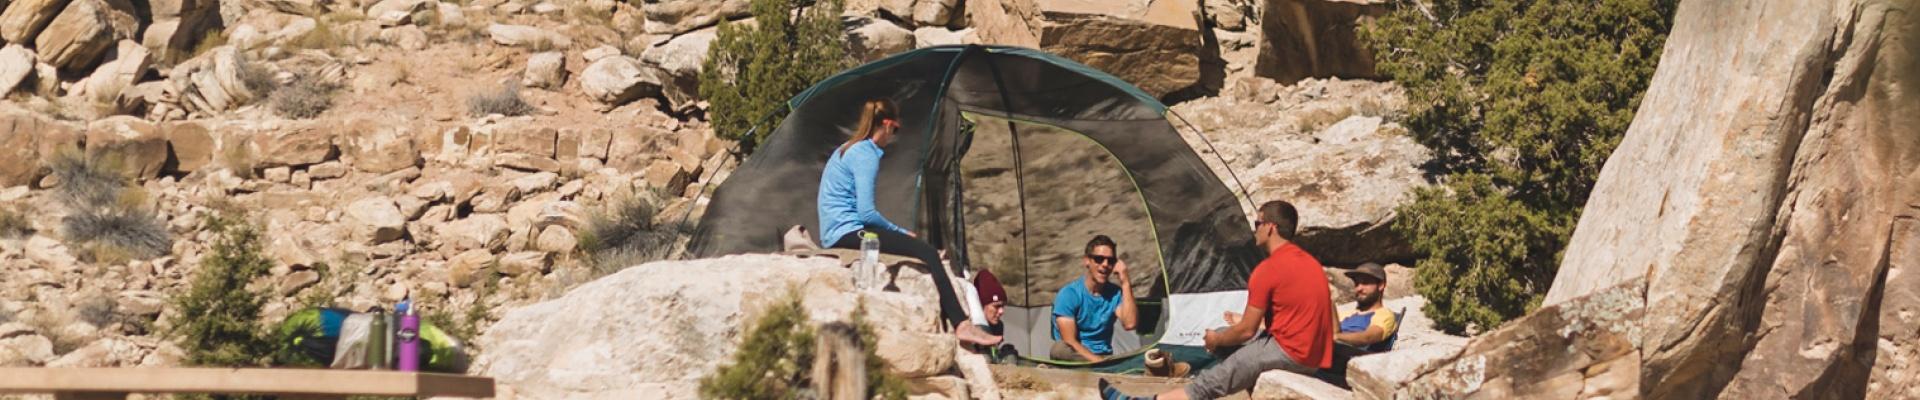 tent-header3.jpg